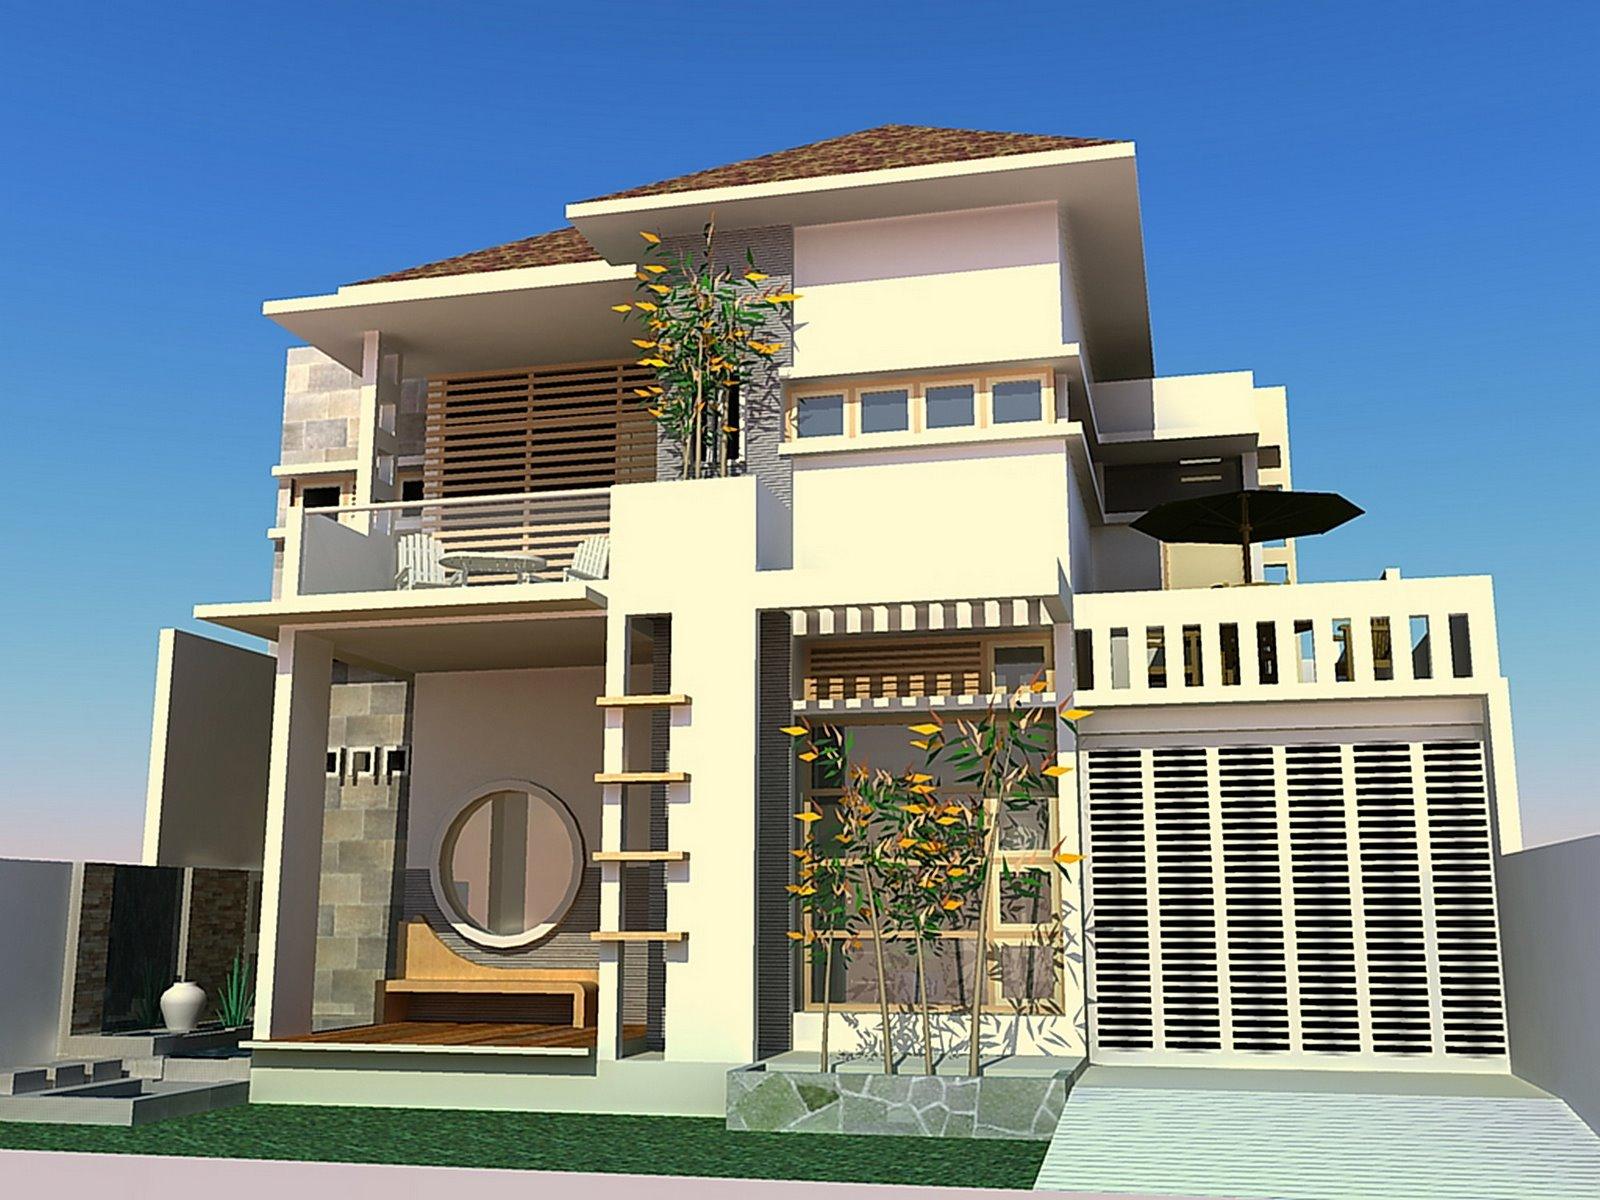 desain model rumah minimalis kabar harian terbaru 2016